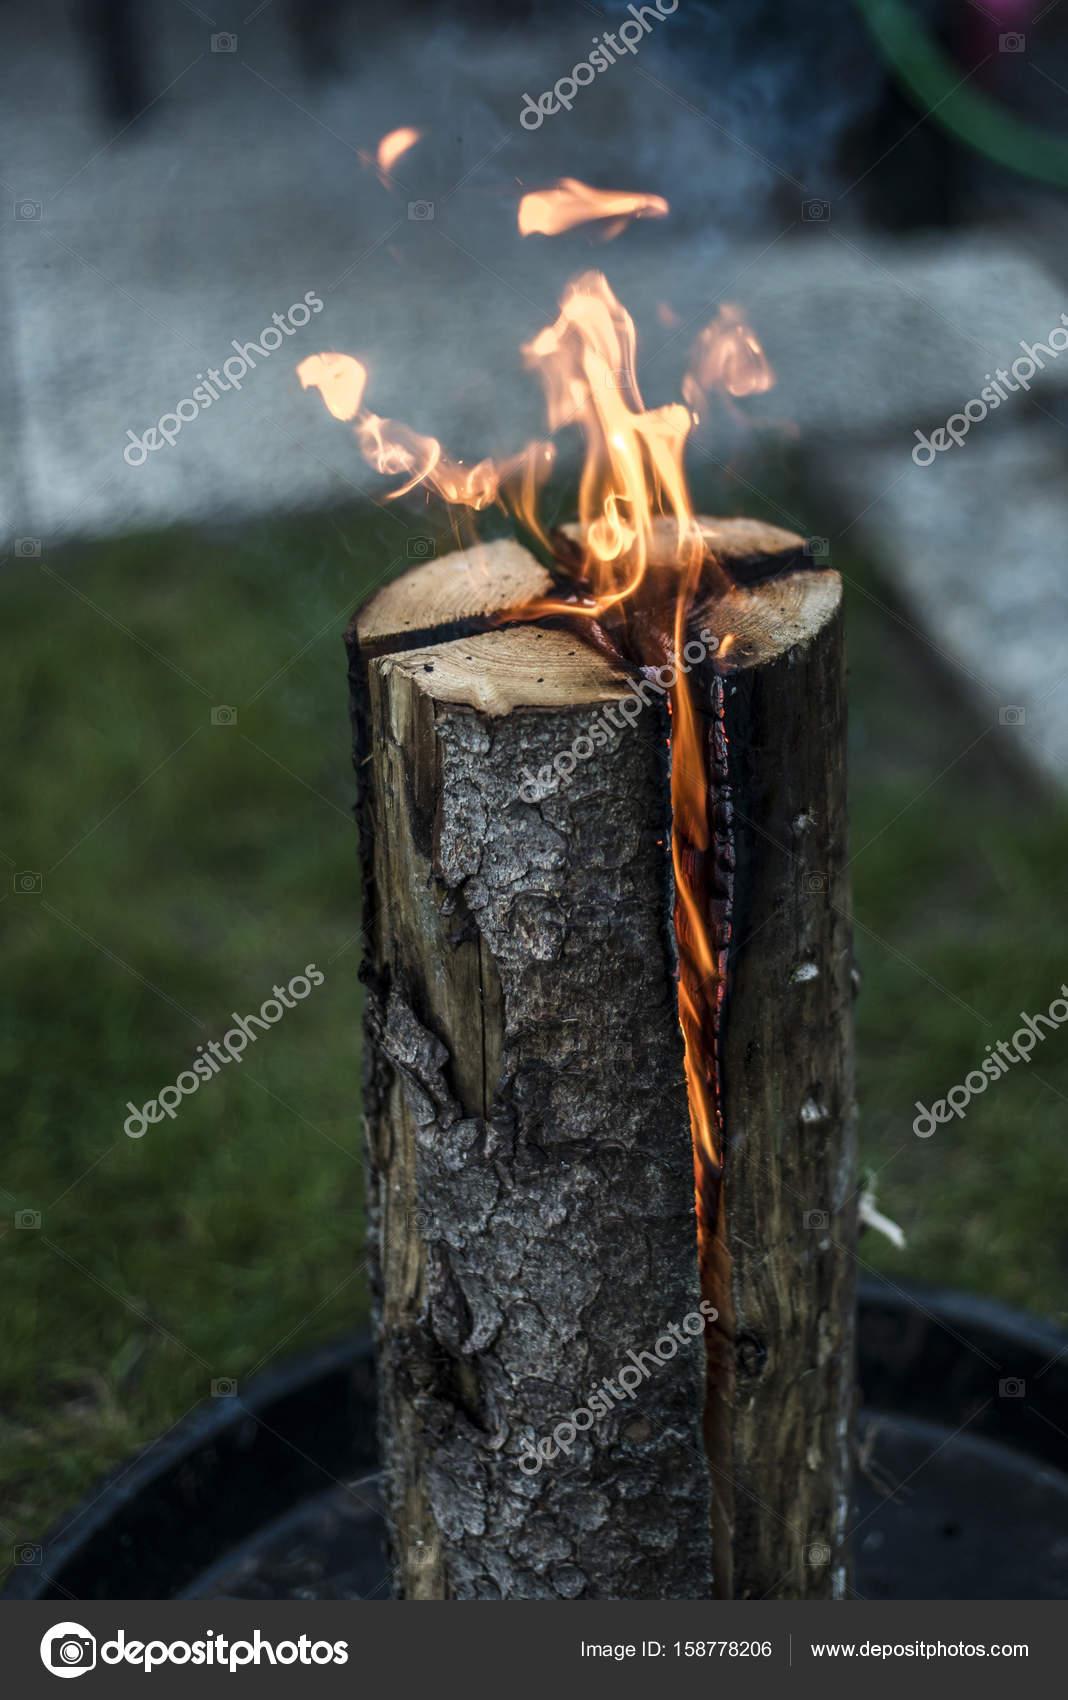 Schwedische Fackel Feuer Brennenden Stummel Auf Platte Für Erholung